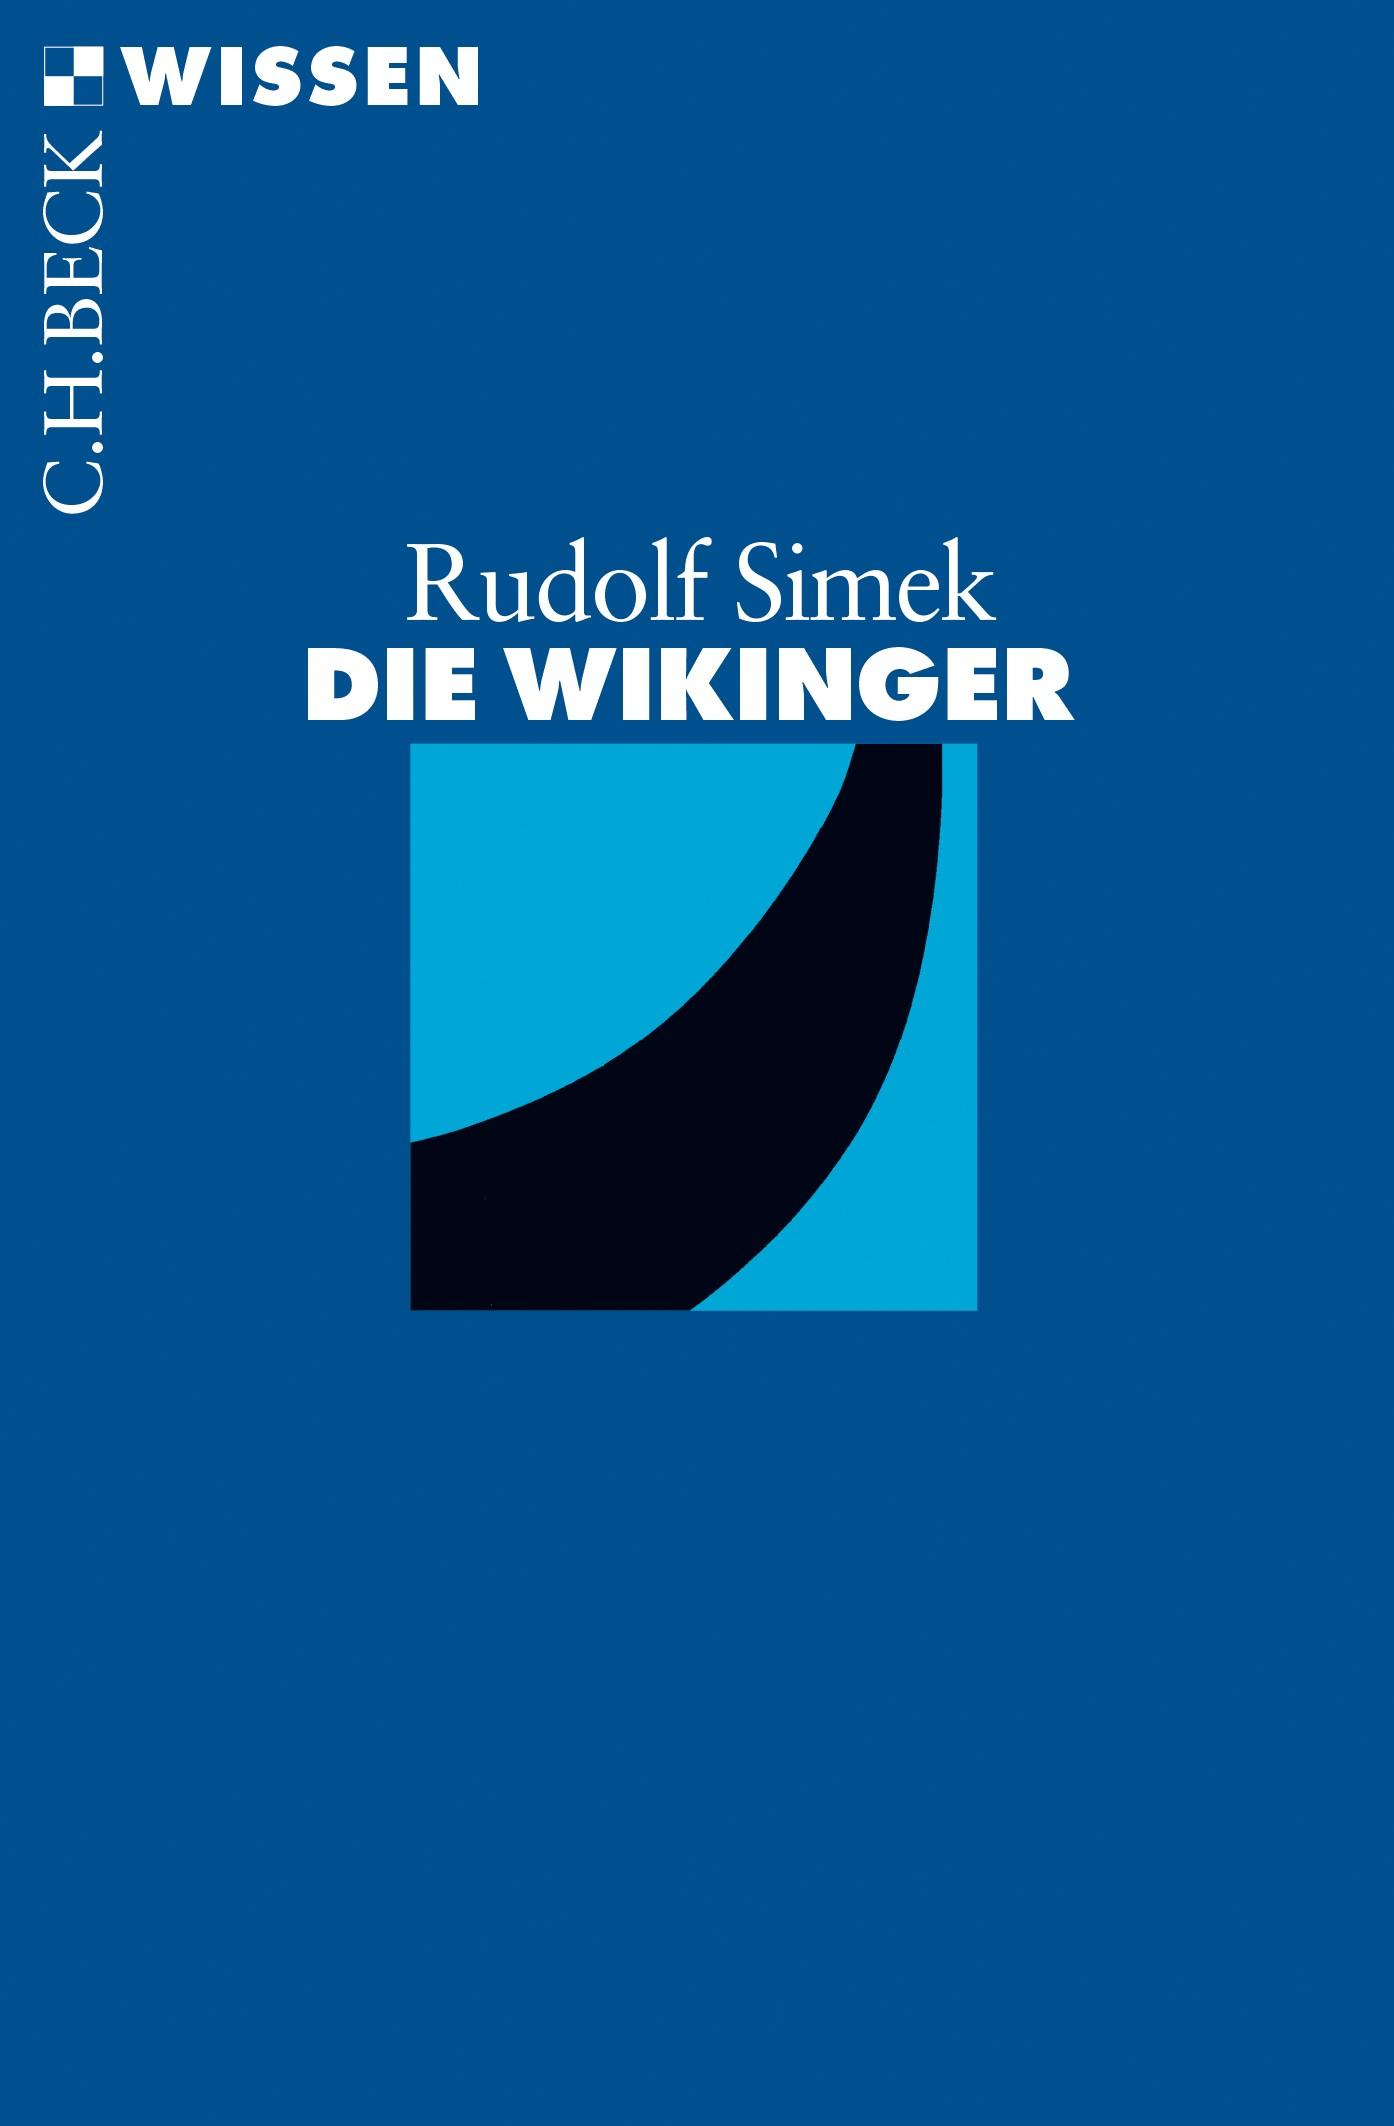 Cover des Buches 'Die Wikinger'